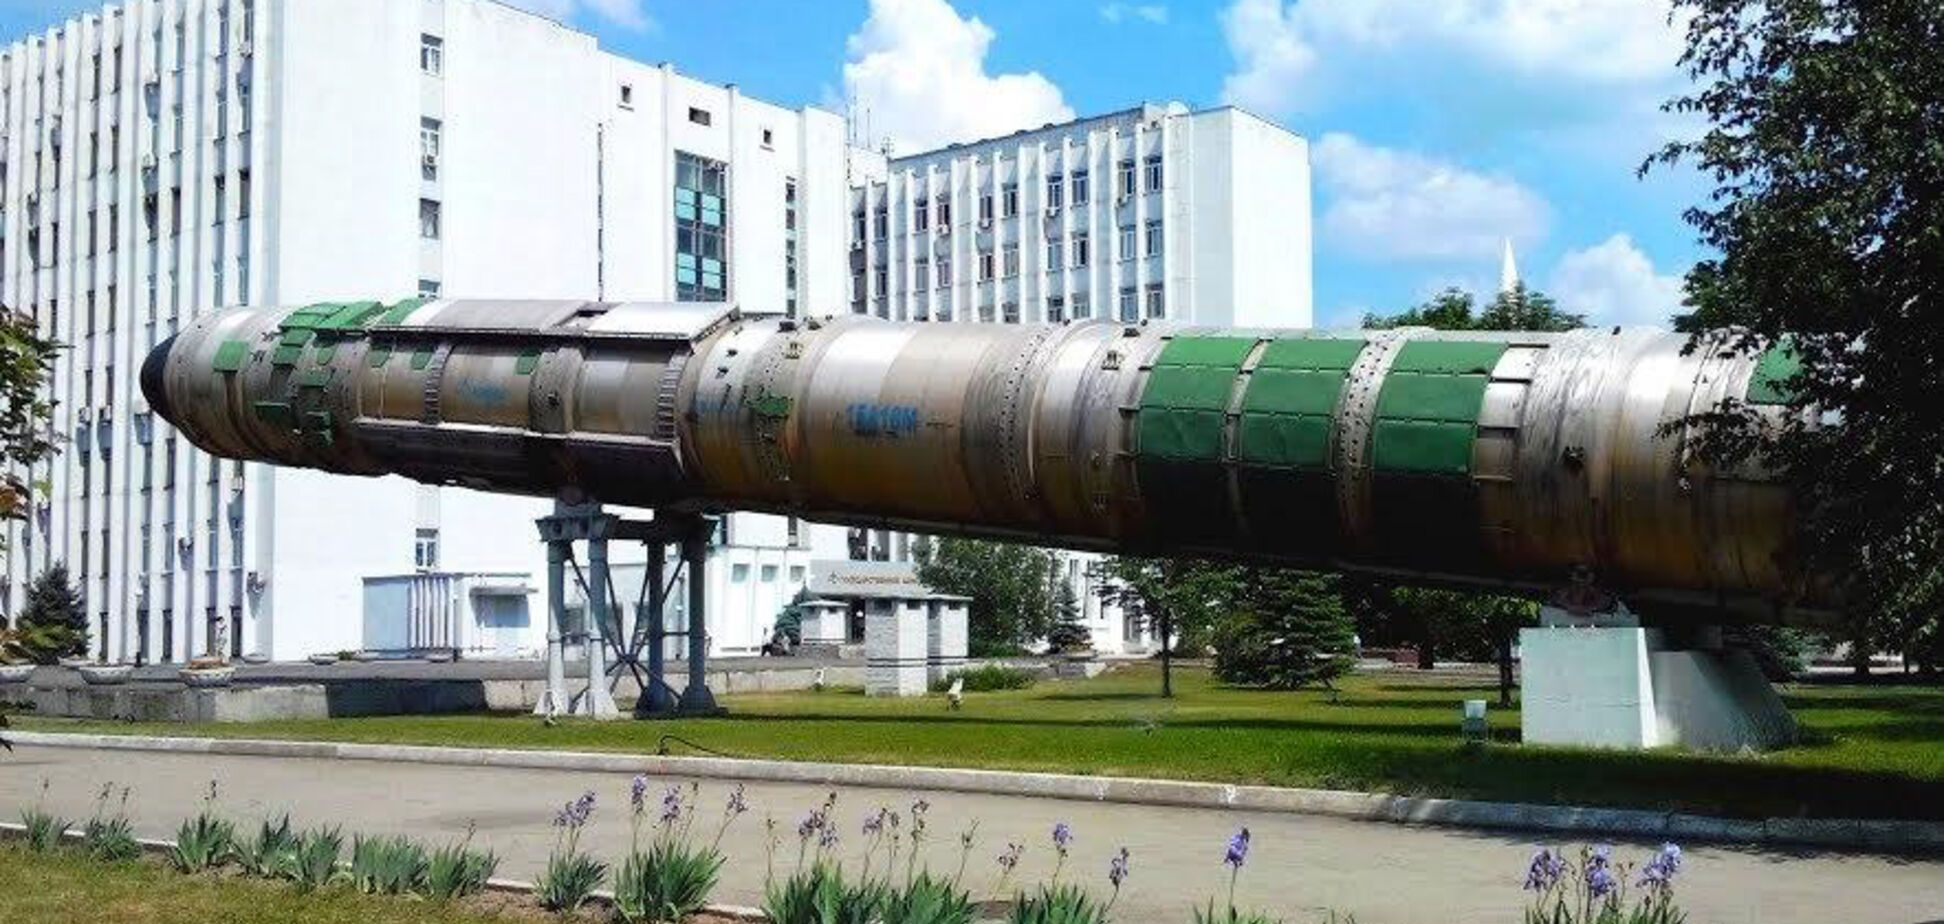 'Ракетные' связи Украины и КНДР: в 'Южмаше' резко ответили на обвинения New York Times